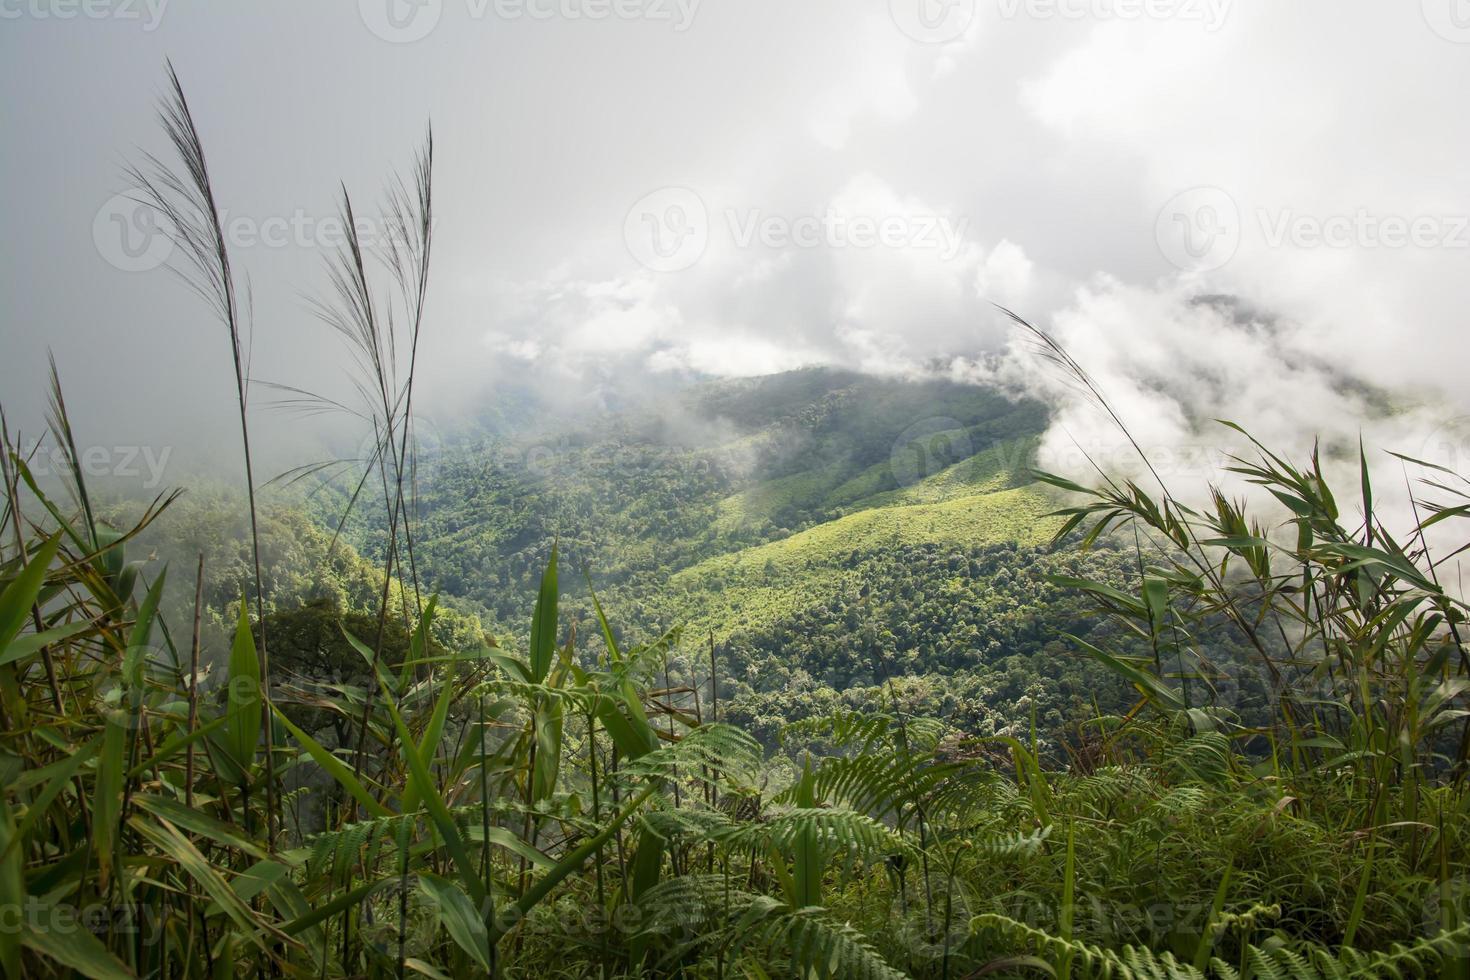 vista panoramica di nebbia sulla montagna dopo la pioggia. foto